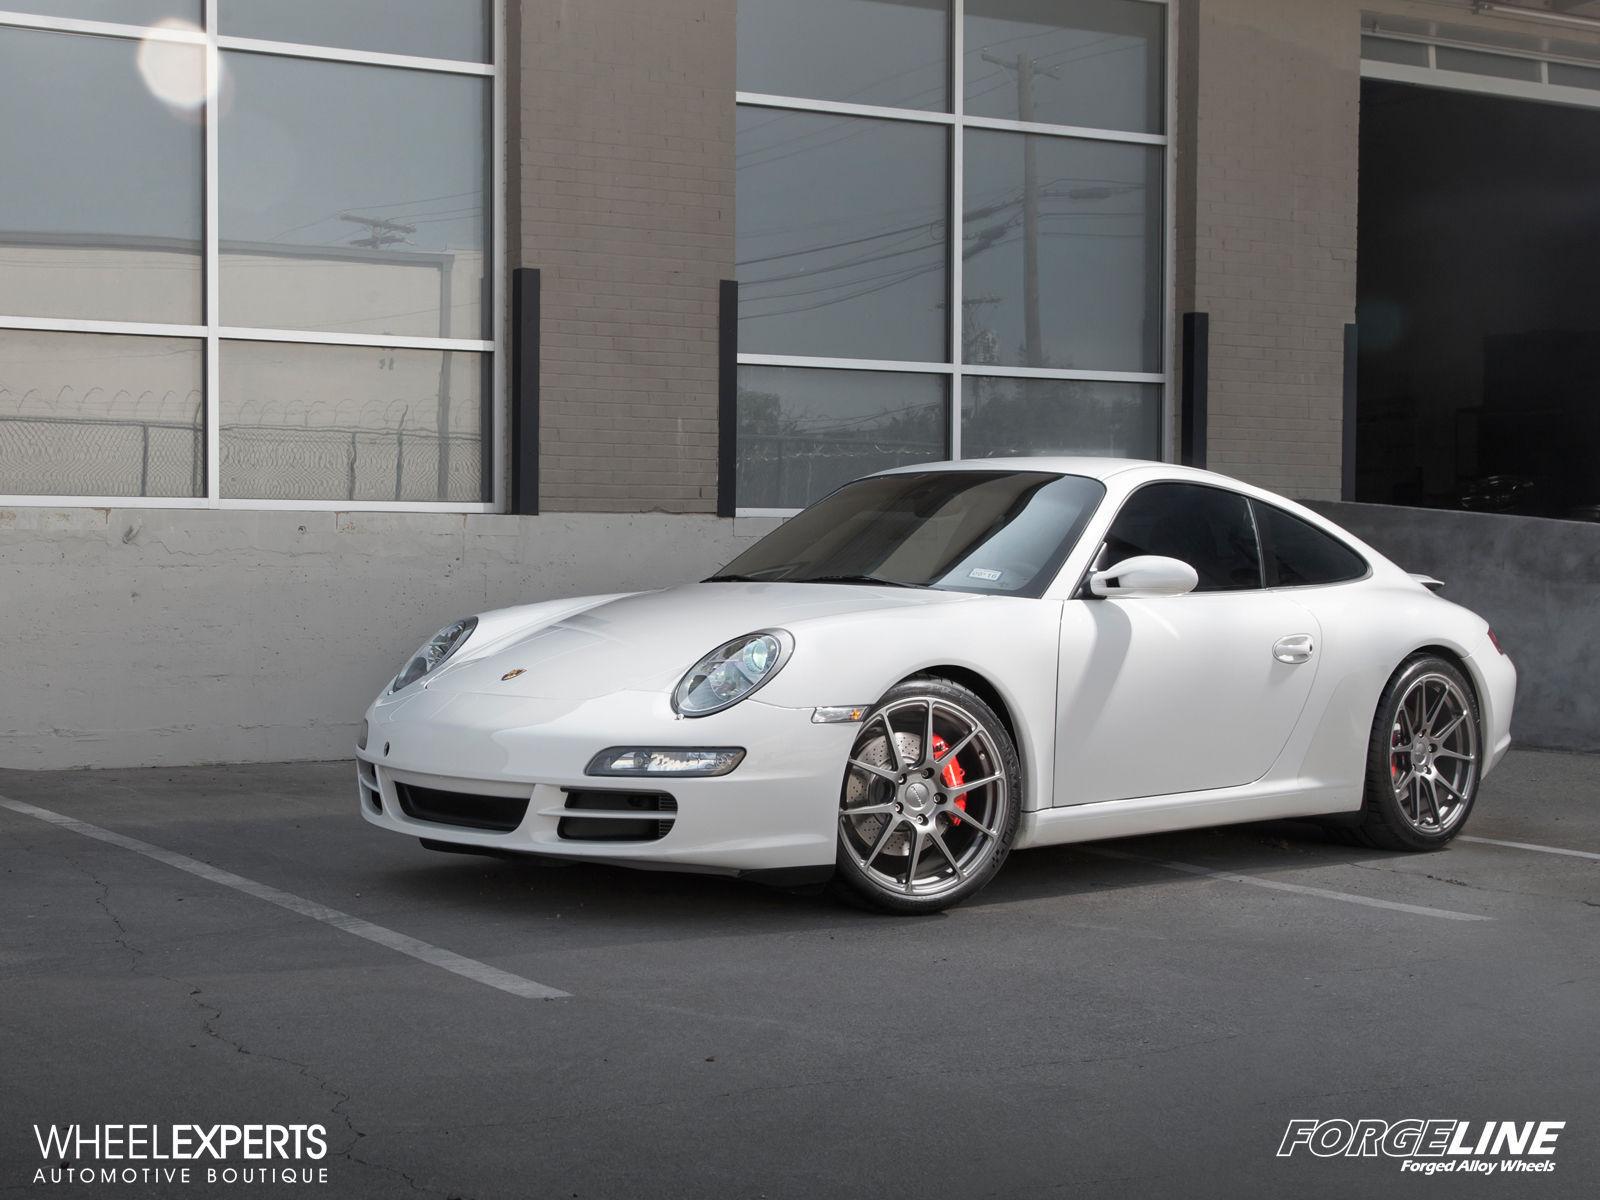 2006 Porsche 911 | Porsche 997 Carrera S on Forgeline One Piece Forged Monoblock GA1R Wheels